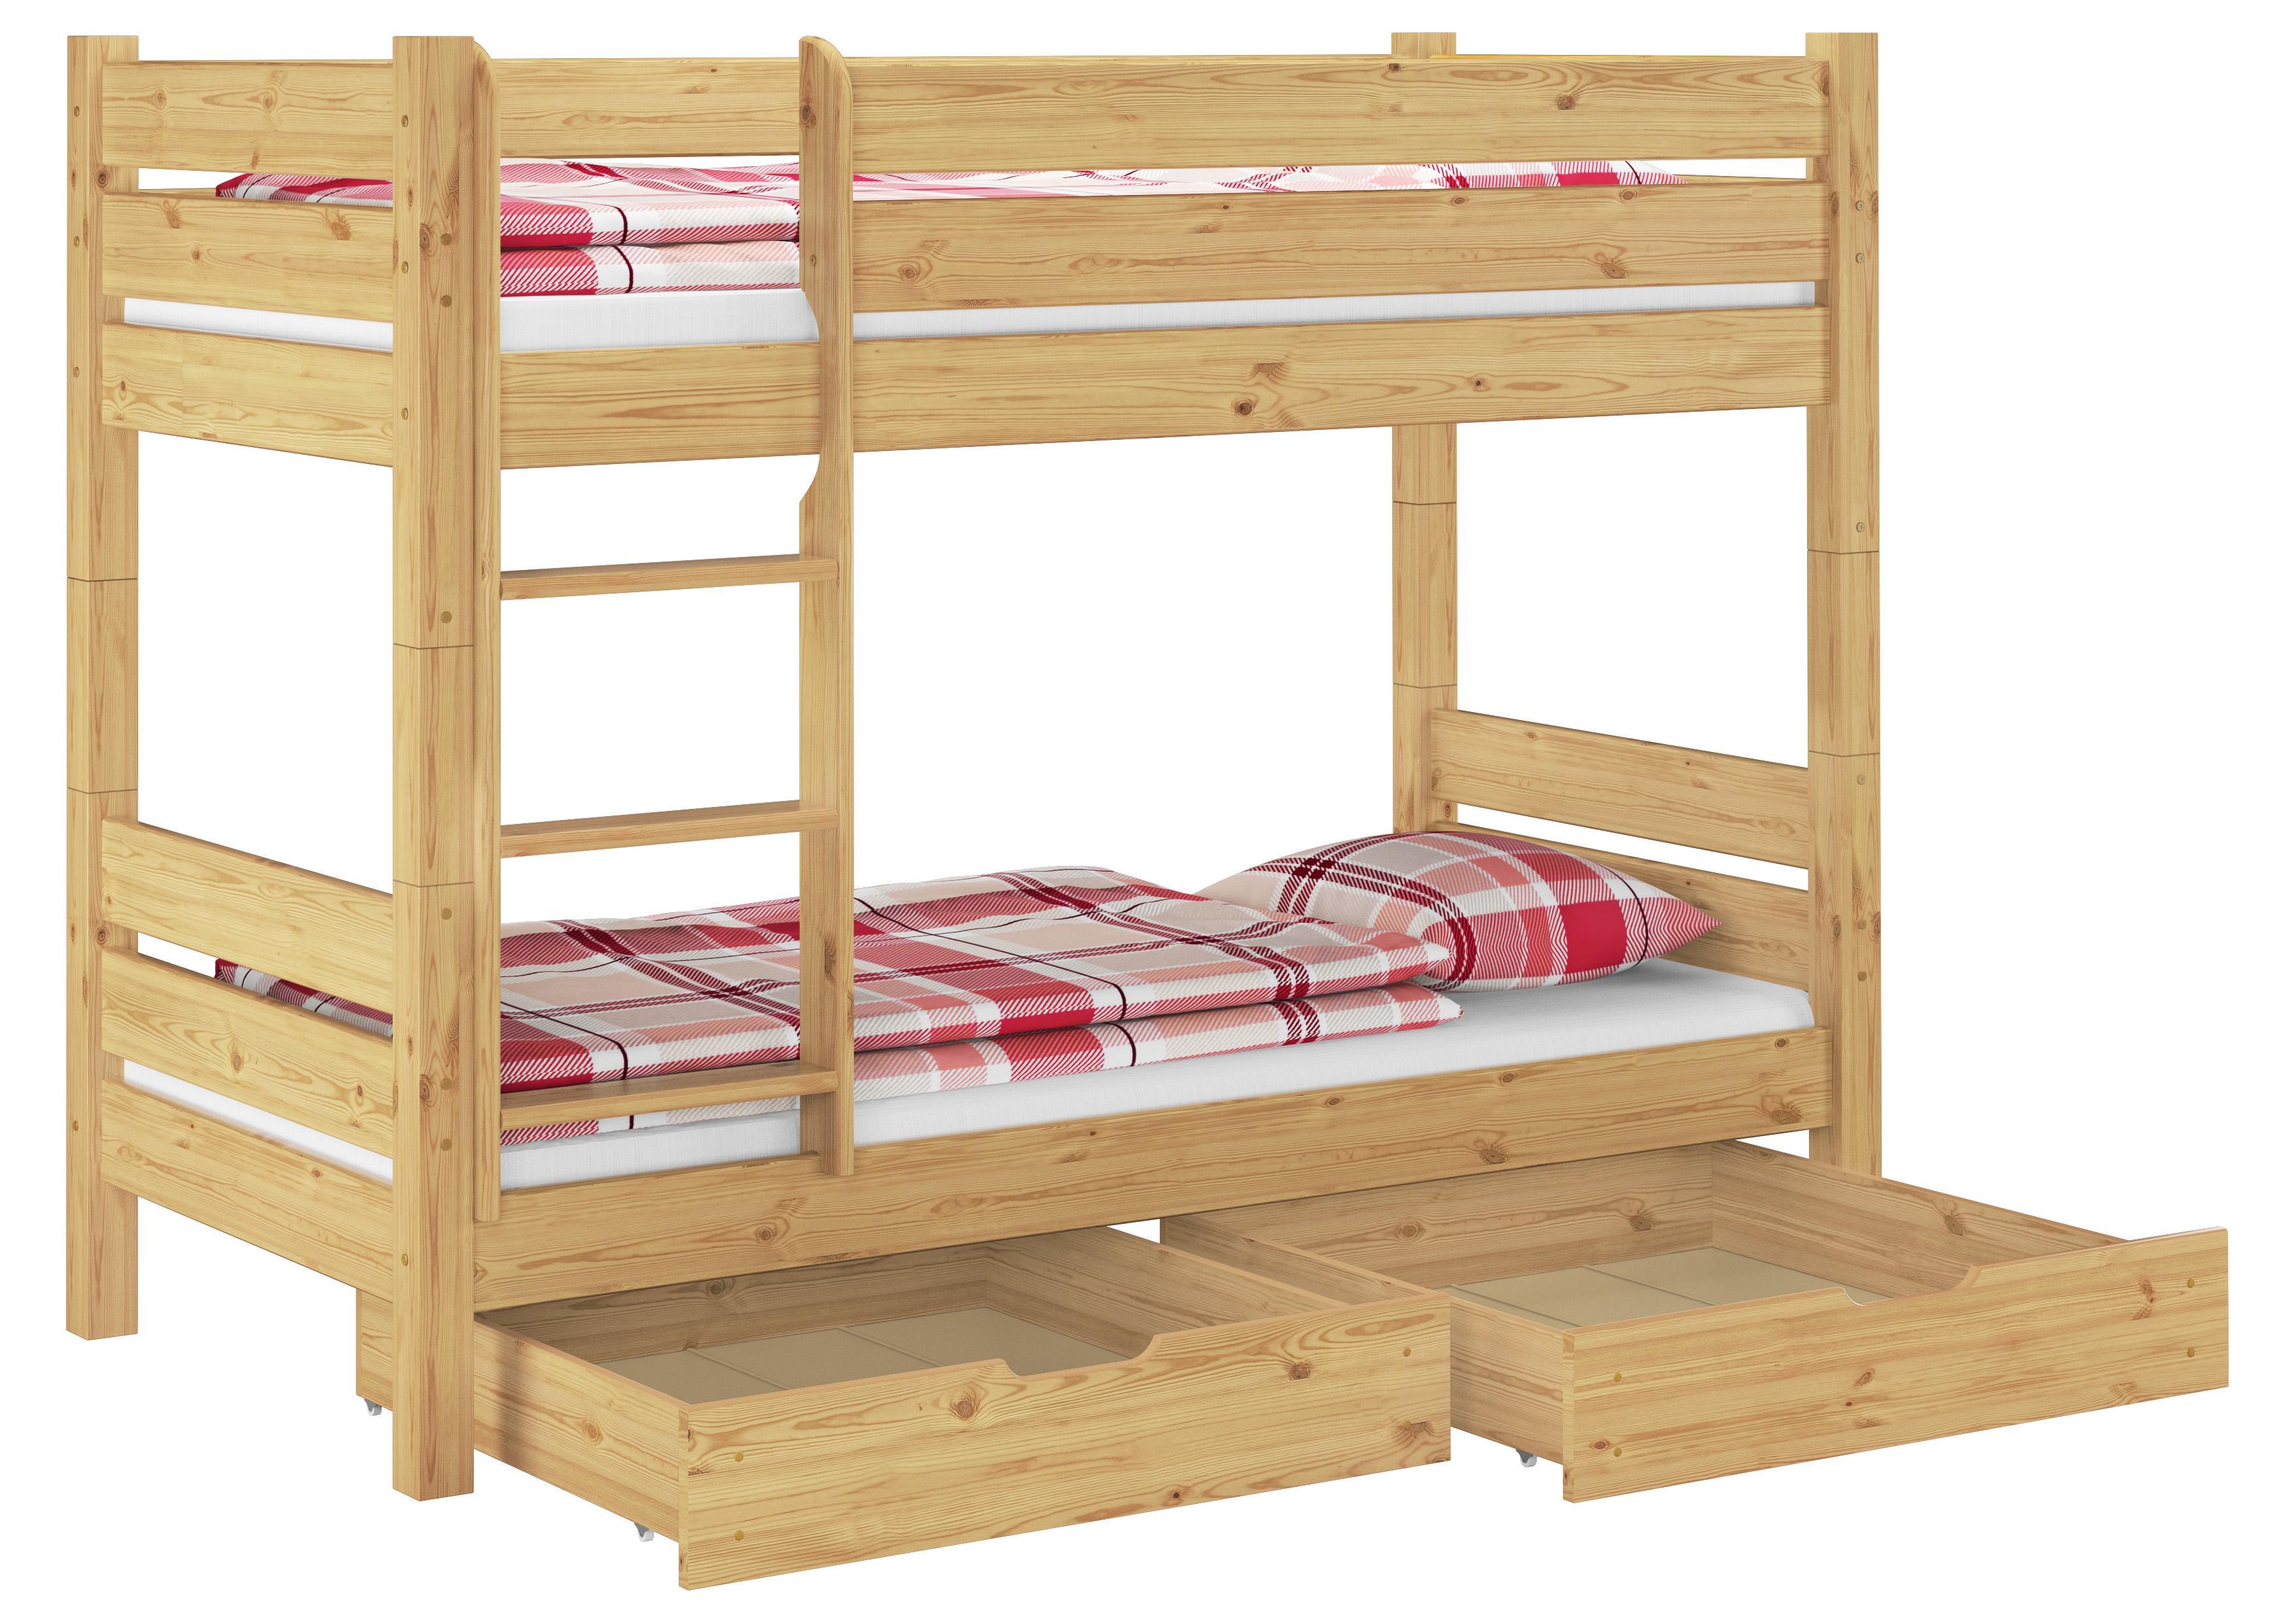 Holz Etagenbett Für Erwachsene : Erst holz® etagenbett für erwachsene kiefer 90x200 hochbett teilbar